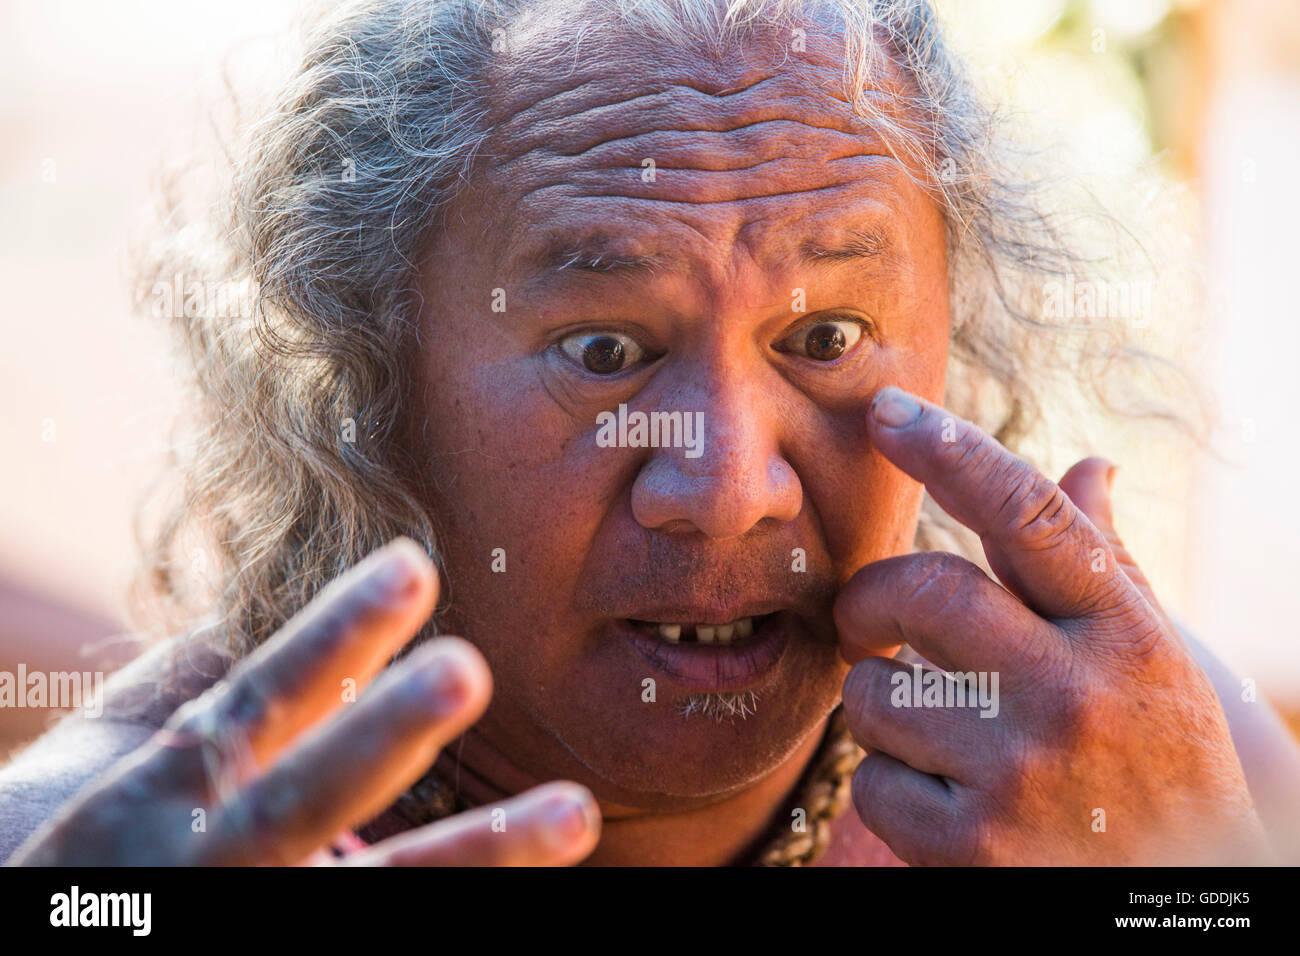 Molokai,locali,Polynesian,nessun modello-release,l'uomo,STATI UNITI D'AMERICA,Hawaii,l'America,ritratto, Immagini Stock